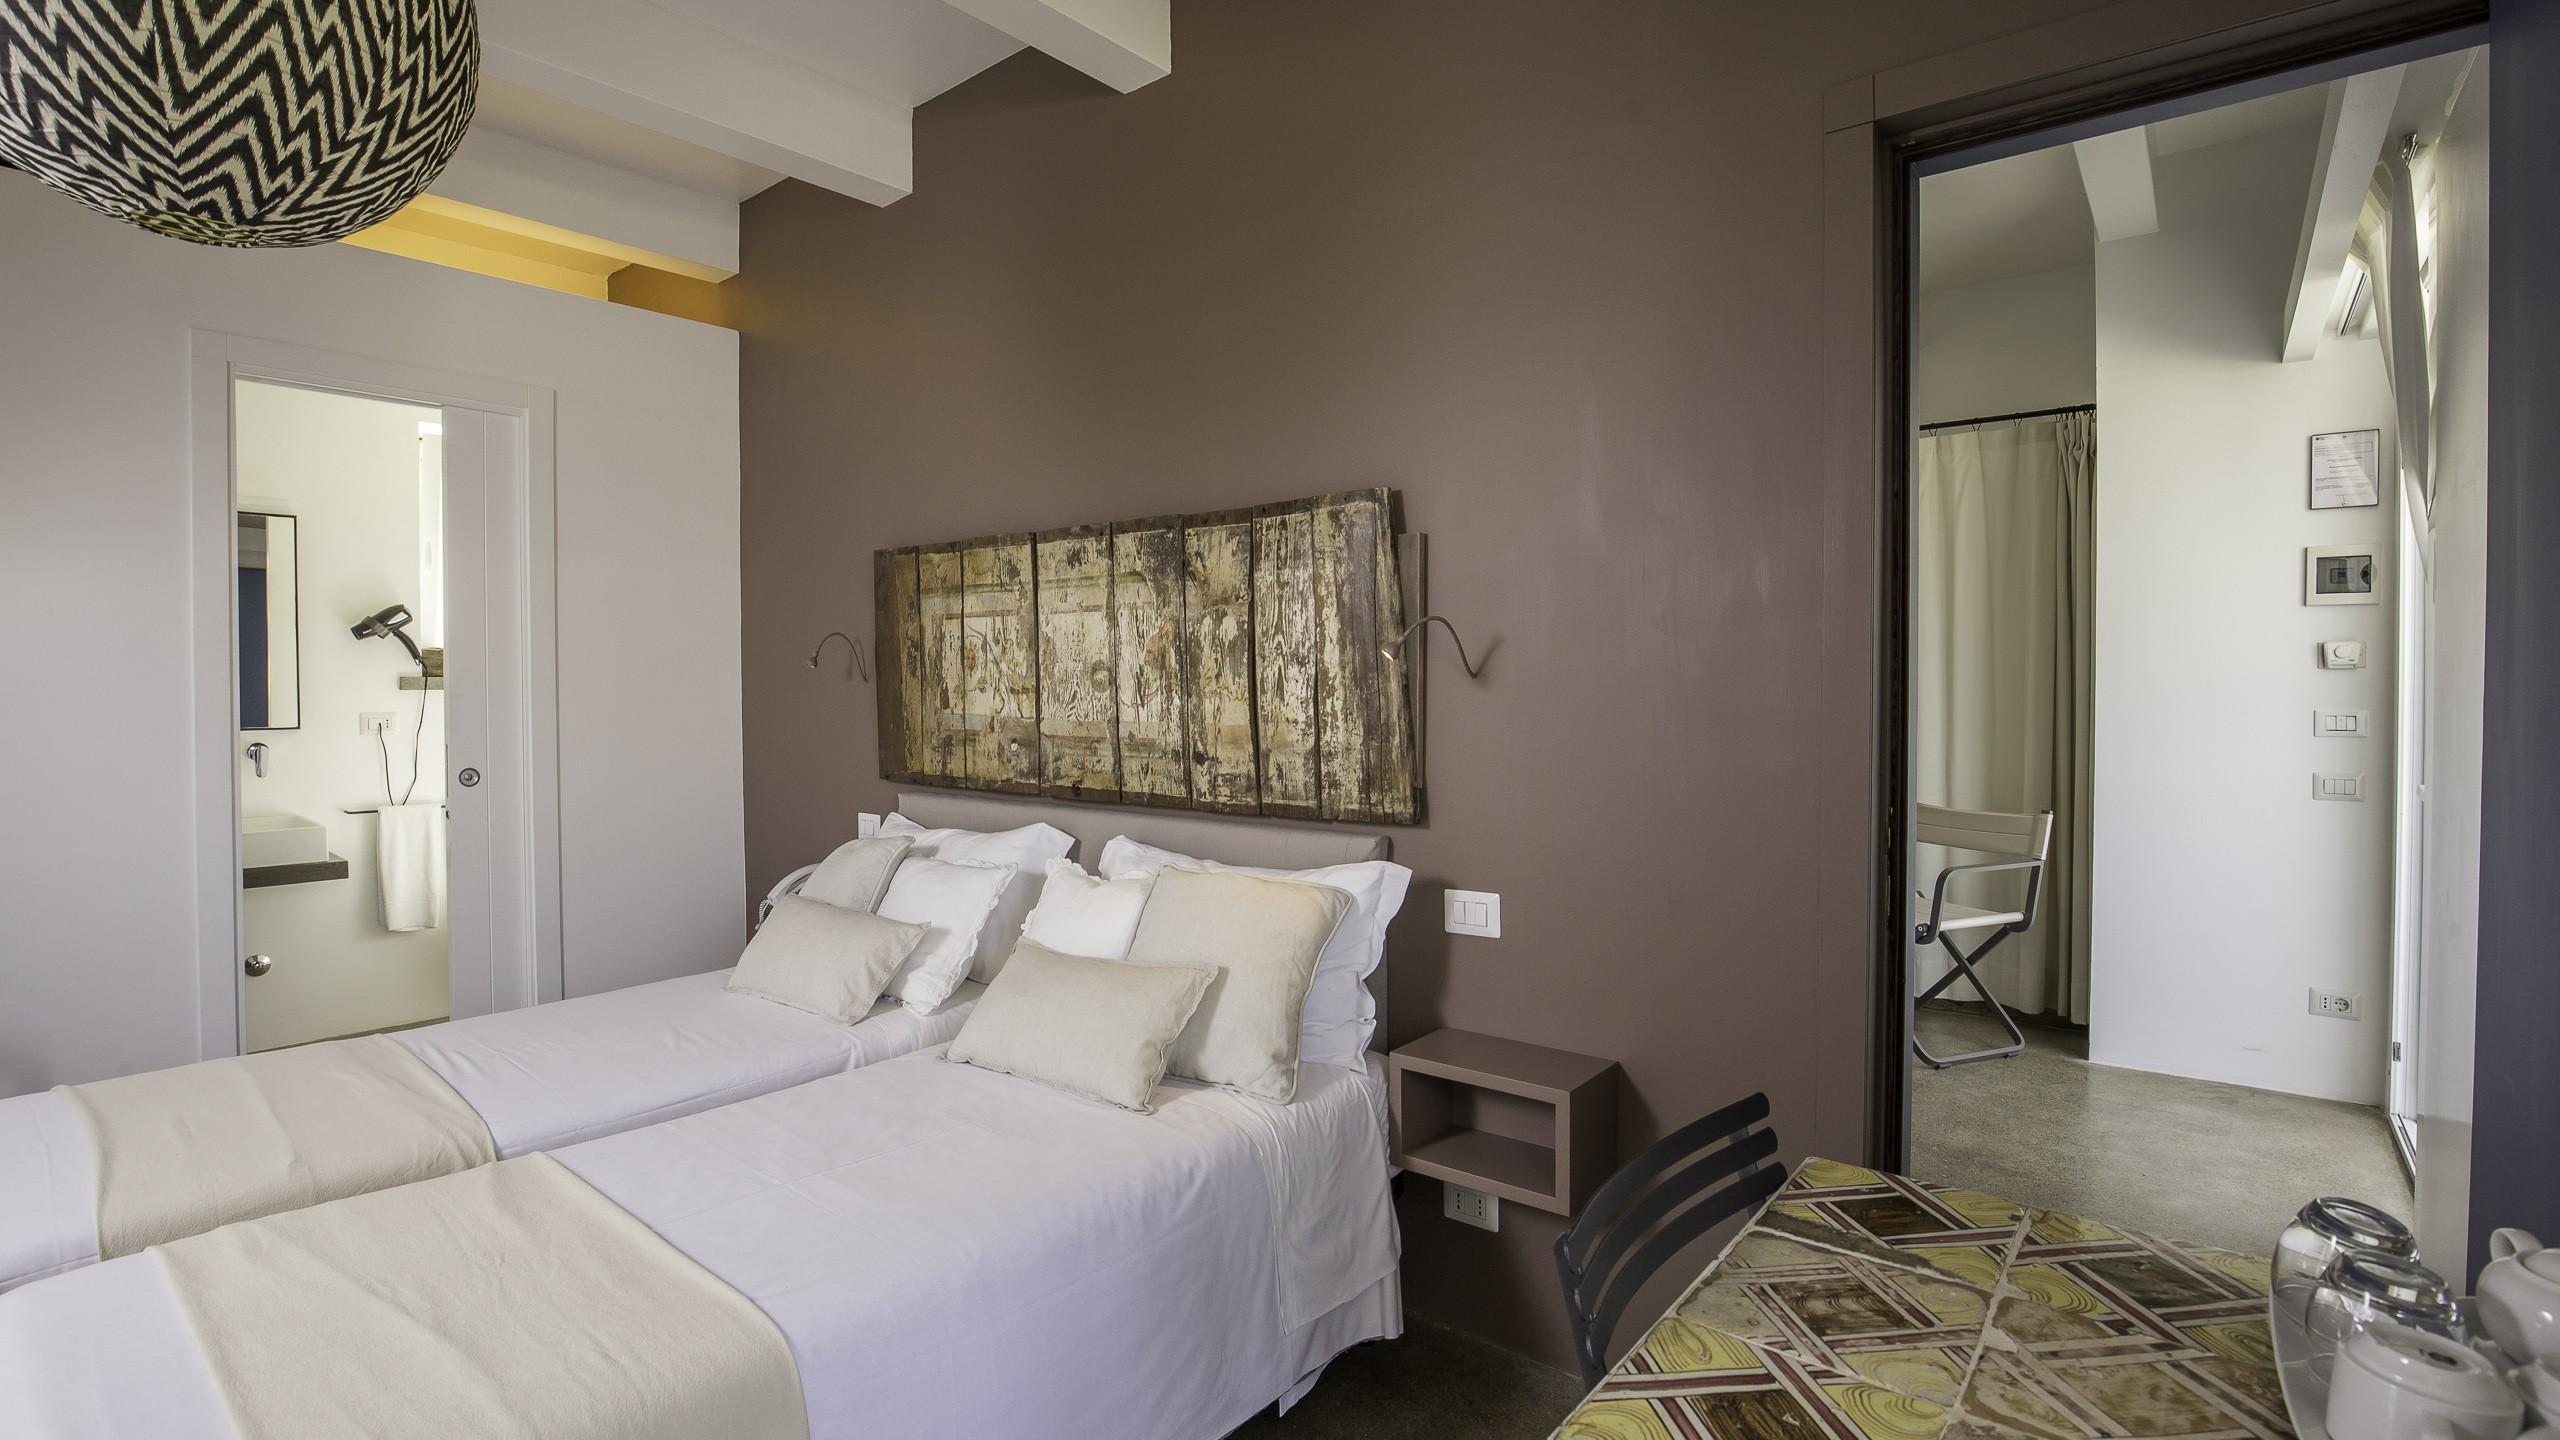 Intorno-al-Fico-Beach-hotel-fiumicino-rooms-075